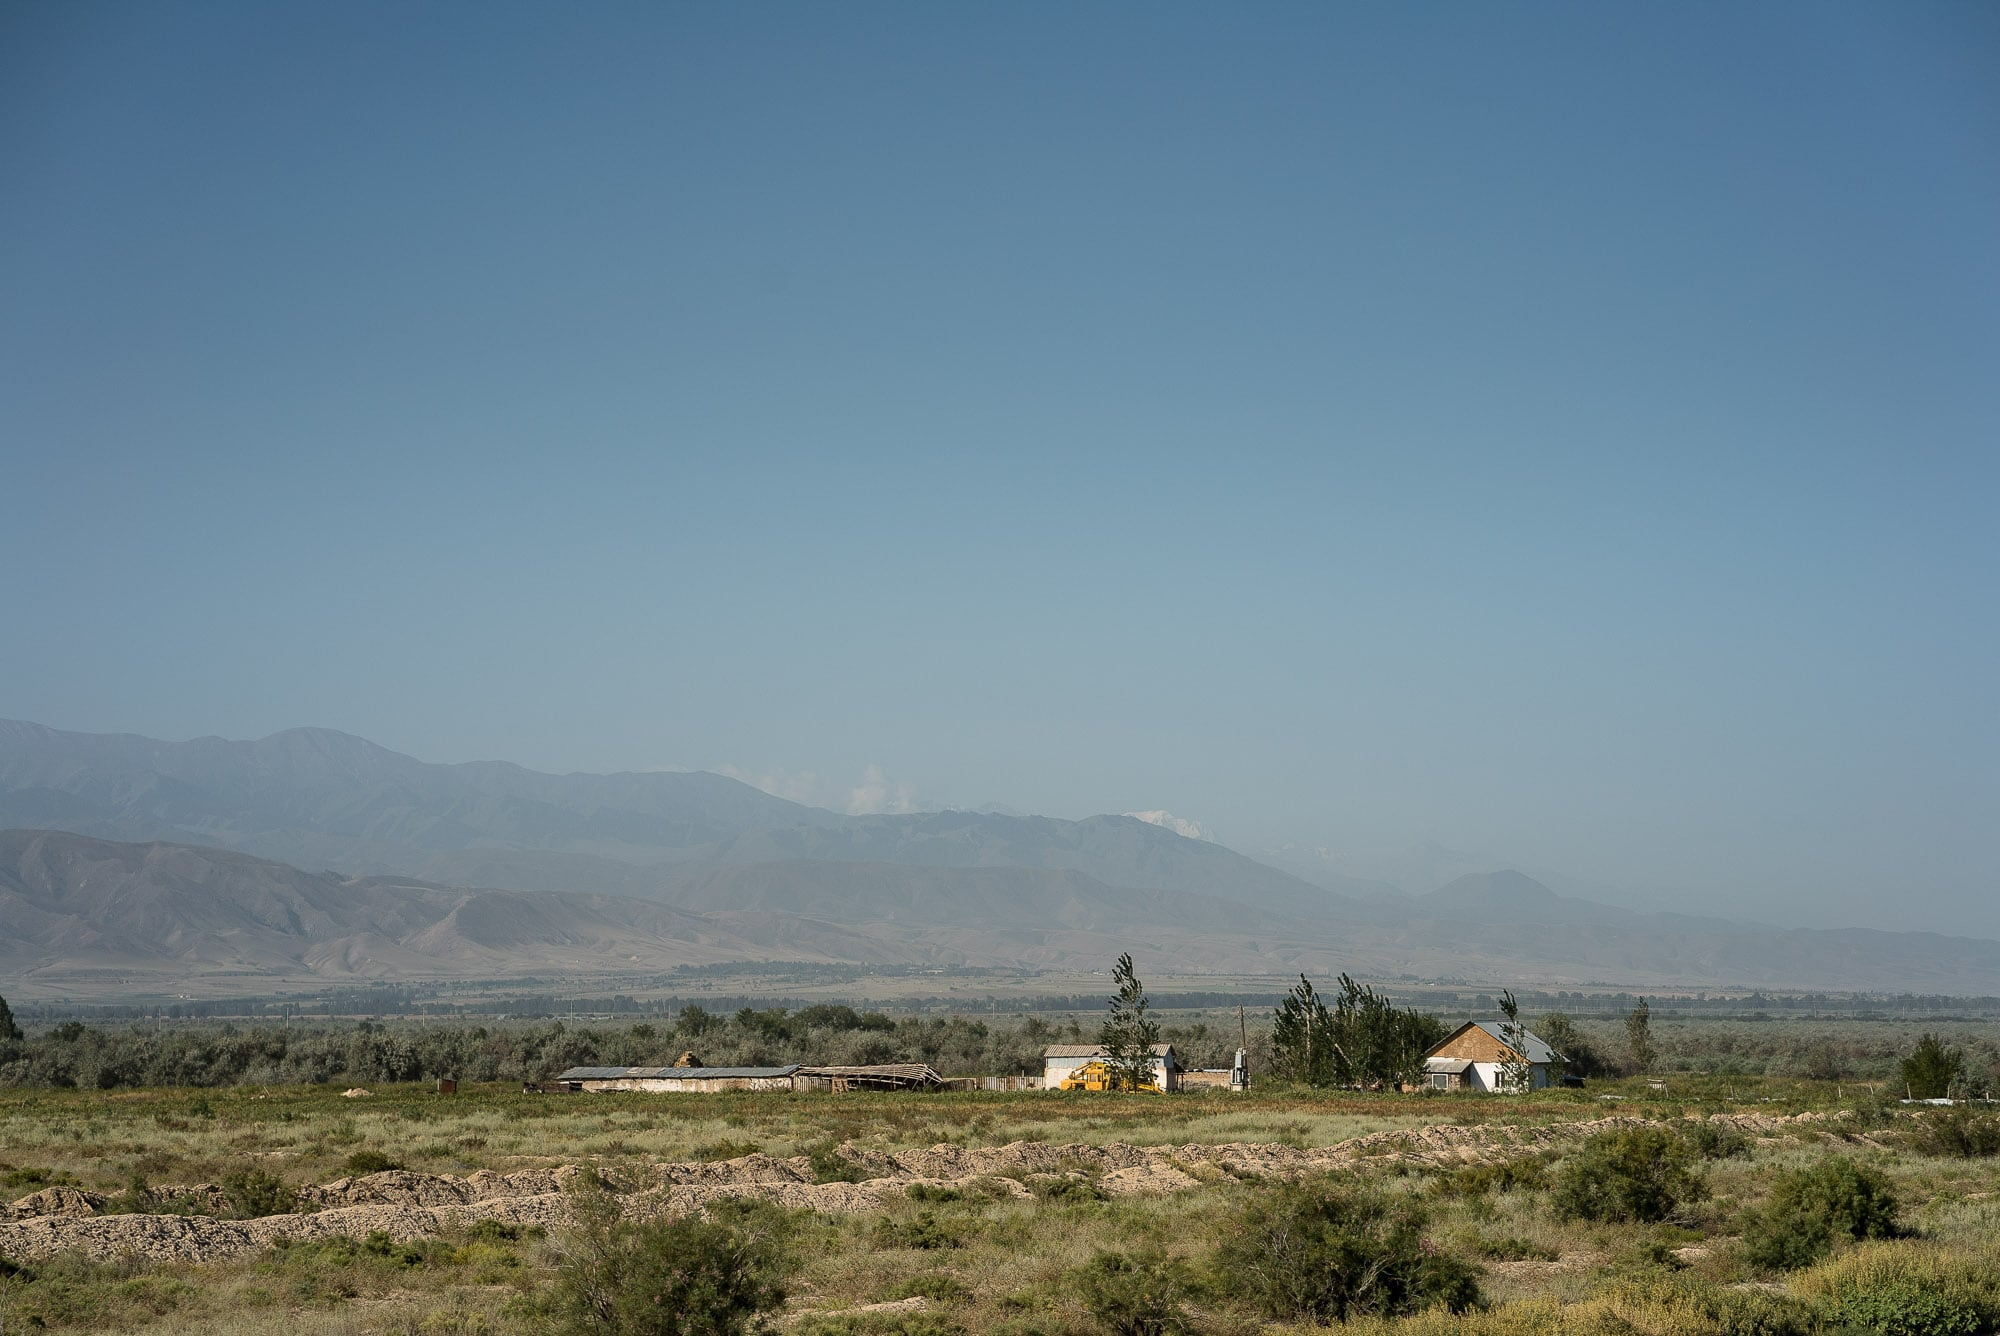 distant buildings